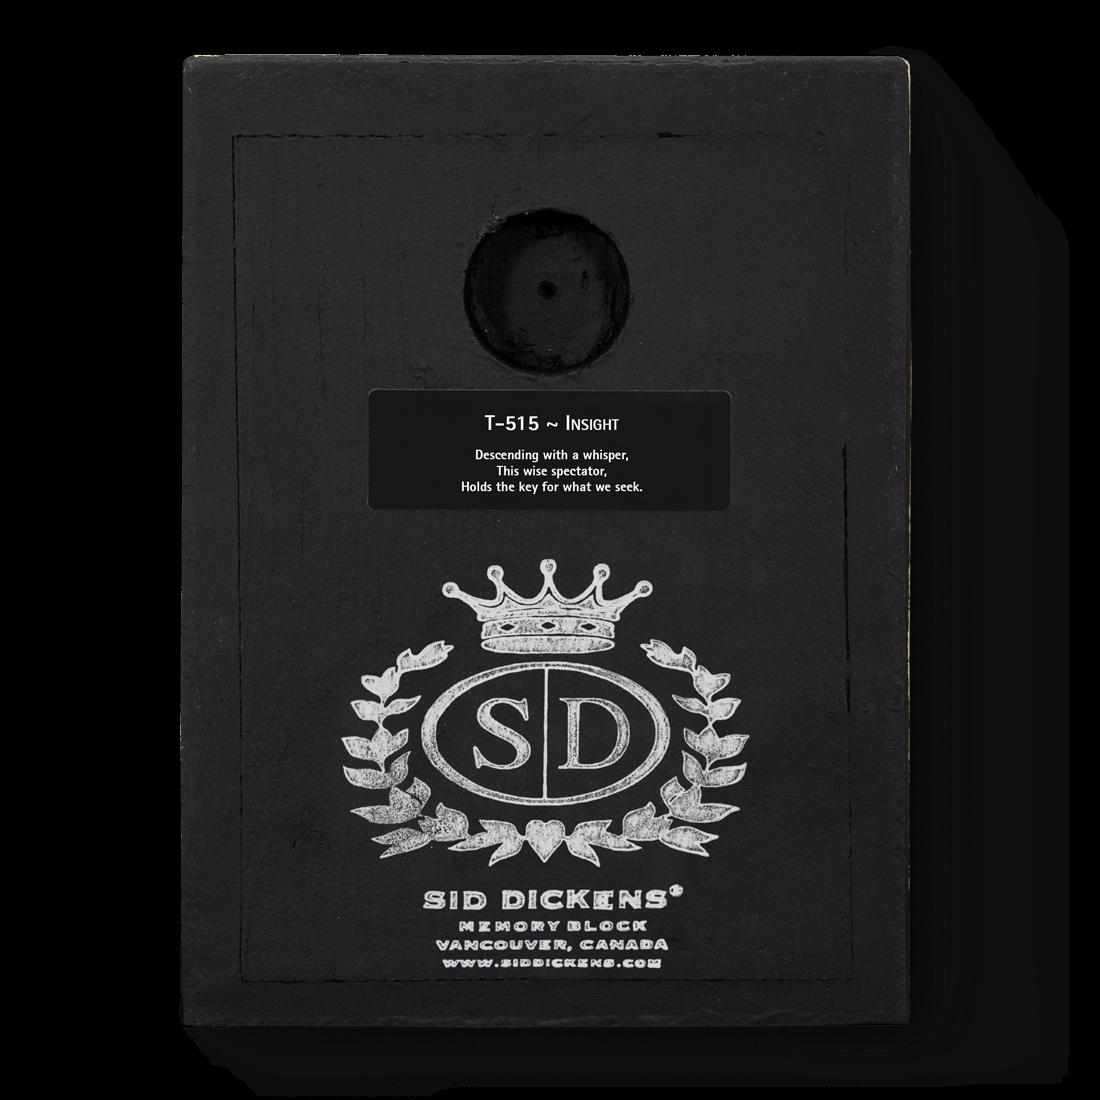 T515 - Insight - Memory Block Sid Dickens